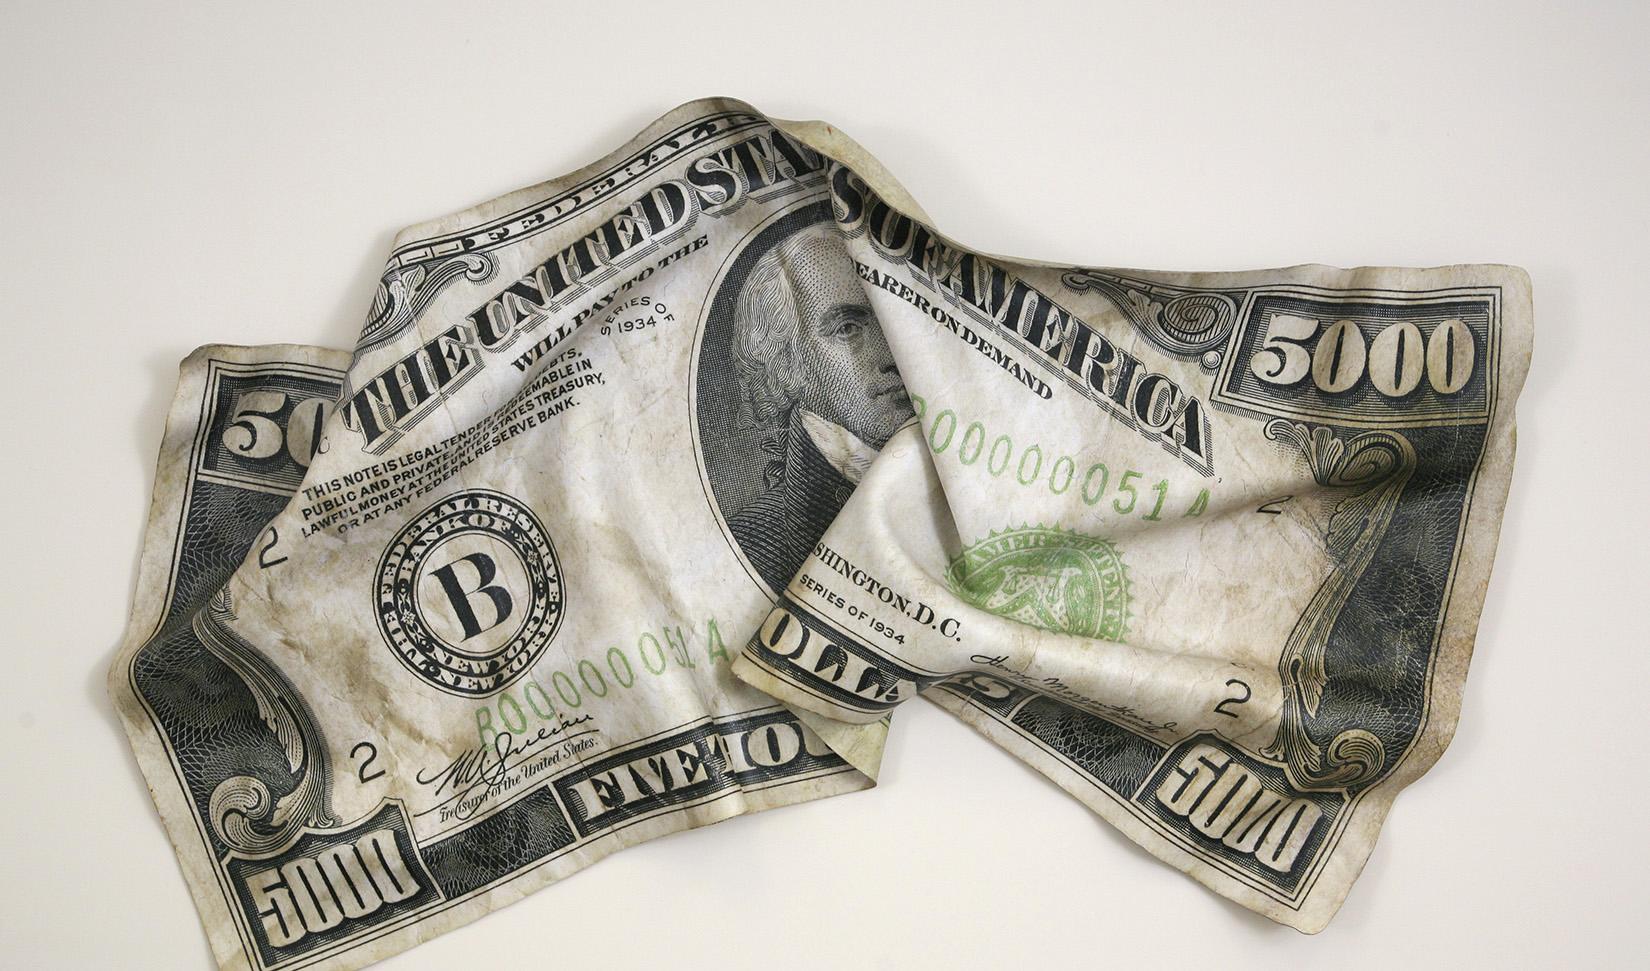 روسیه خواستار کاهش وابستگی به دلار شد